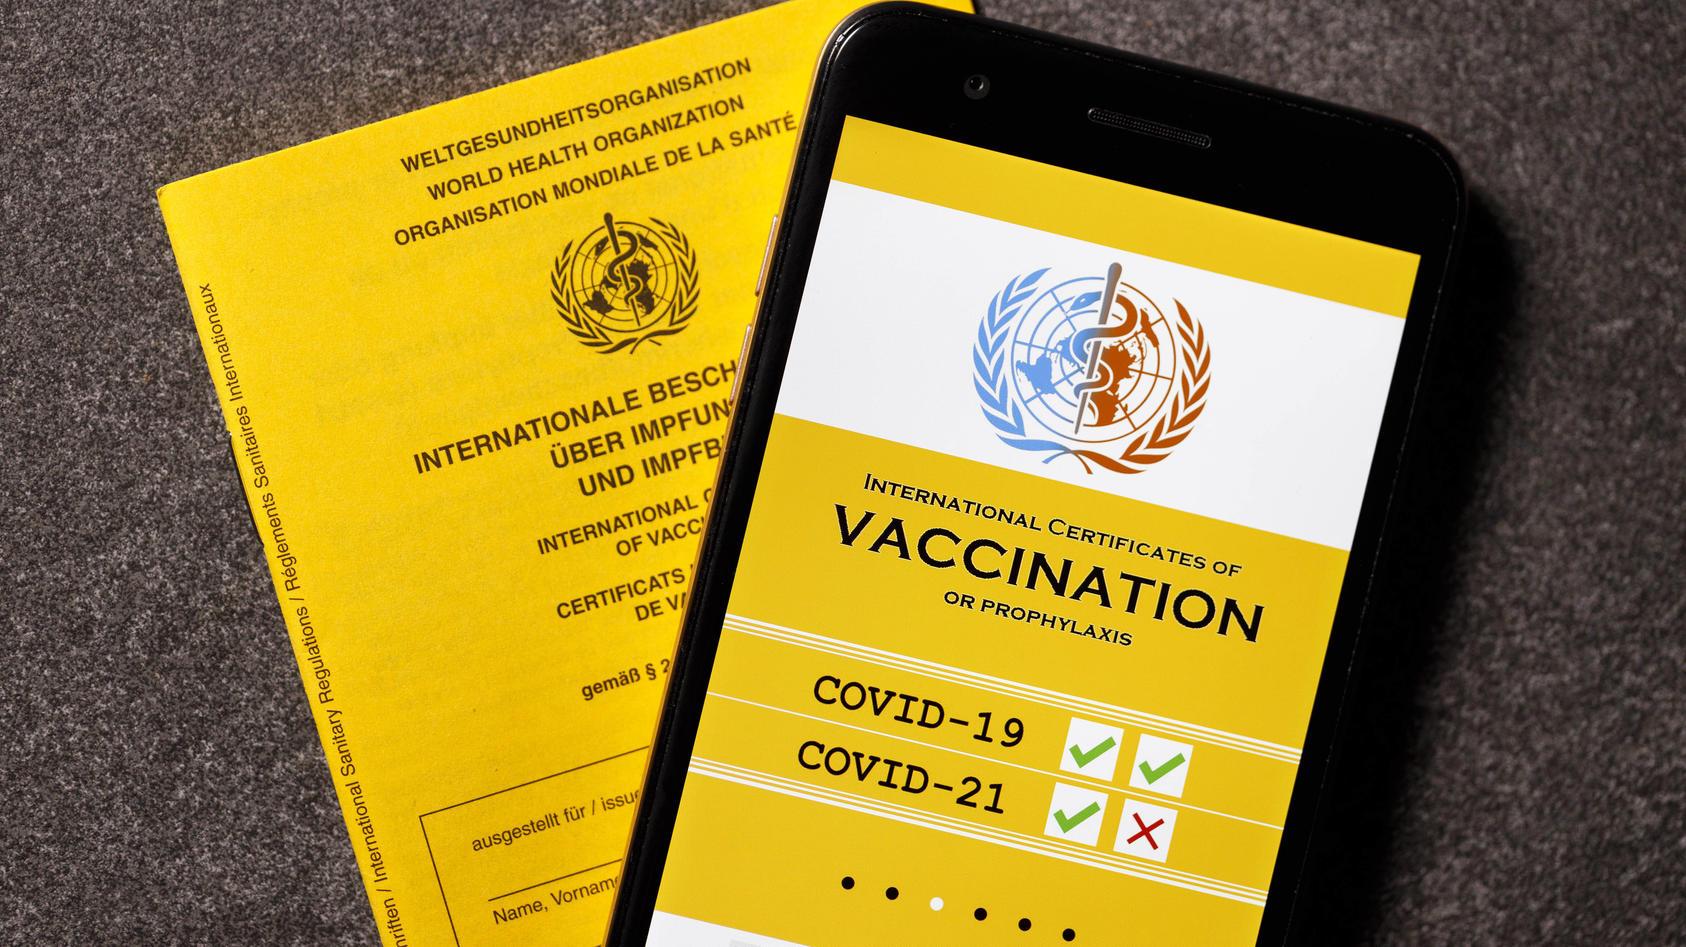 Eine mögliche Visualisierung des geplanten digitalen Impfpass liegt neben einem analogen Impfpass.